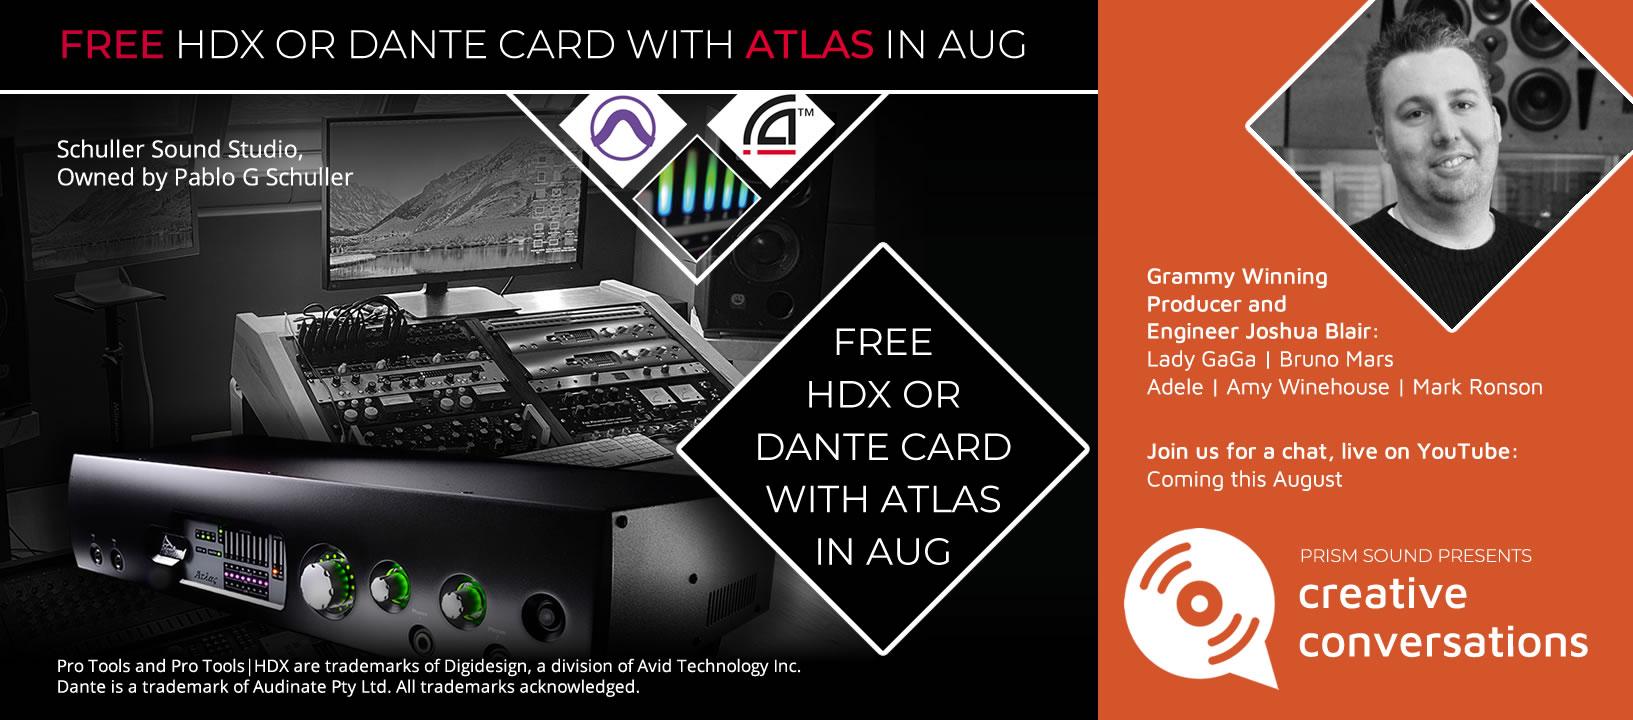 Atlas Card offer Aug 2020